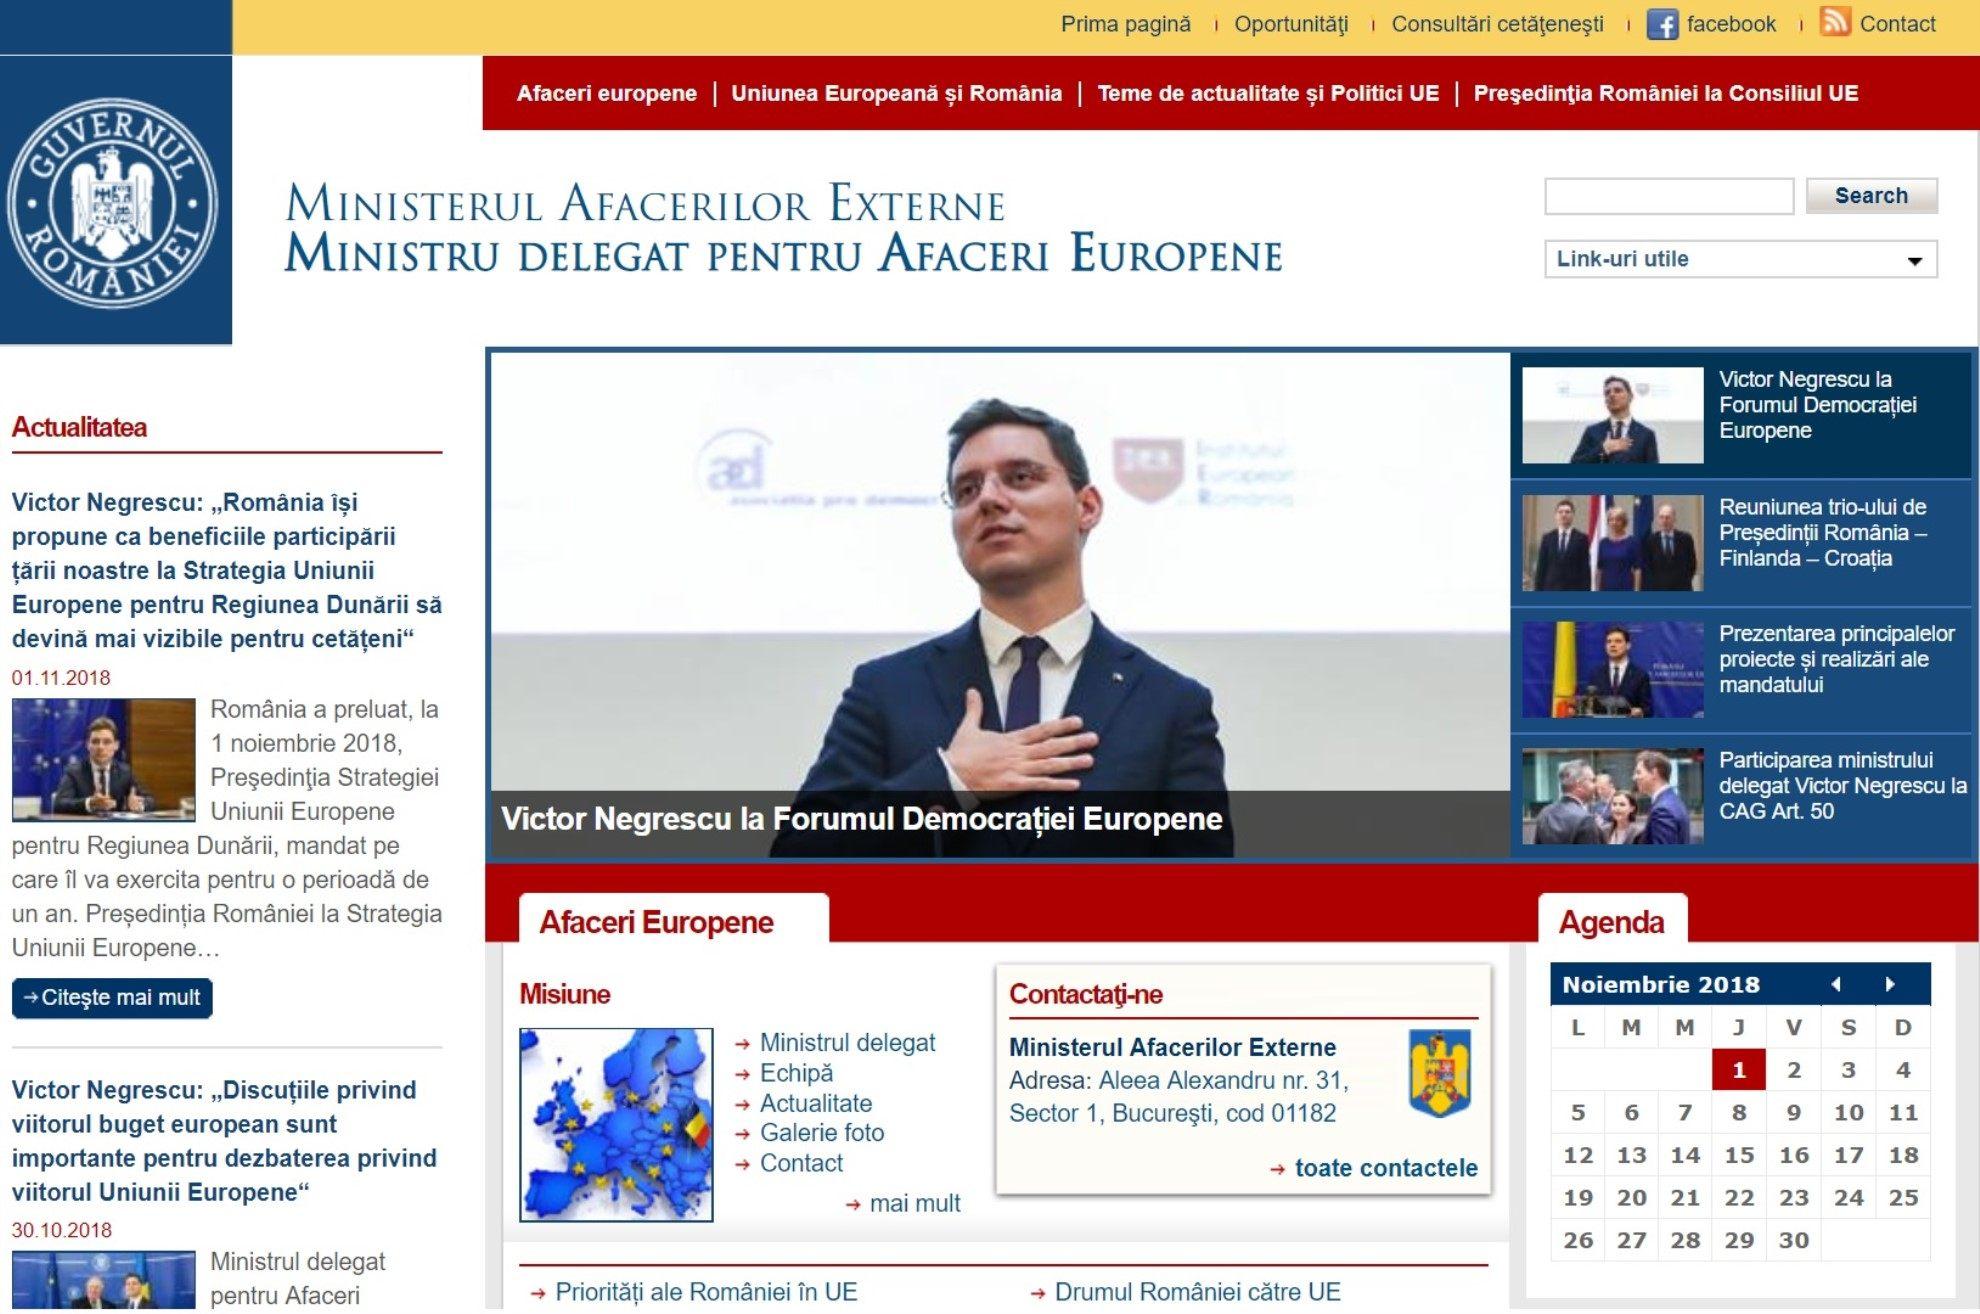 Ministerul Afacerilor Externe Ministru delegat pentru Afaceri Europene